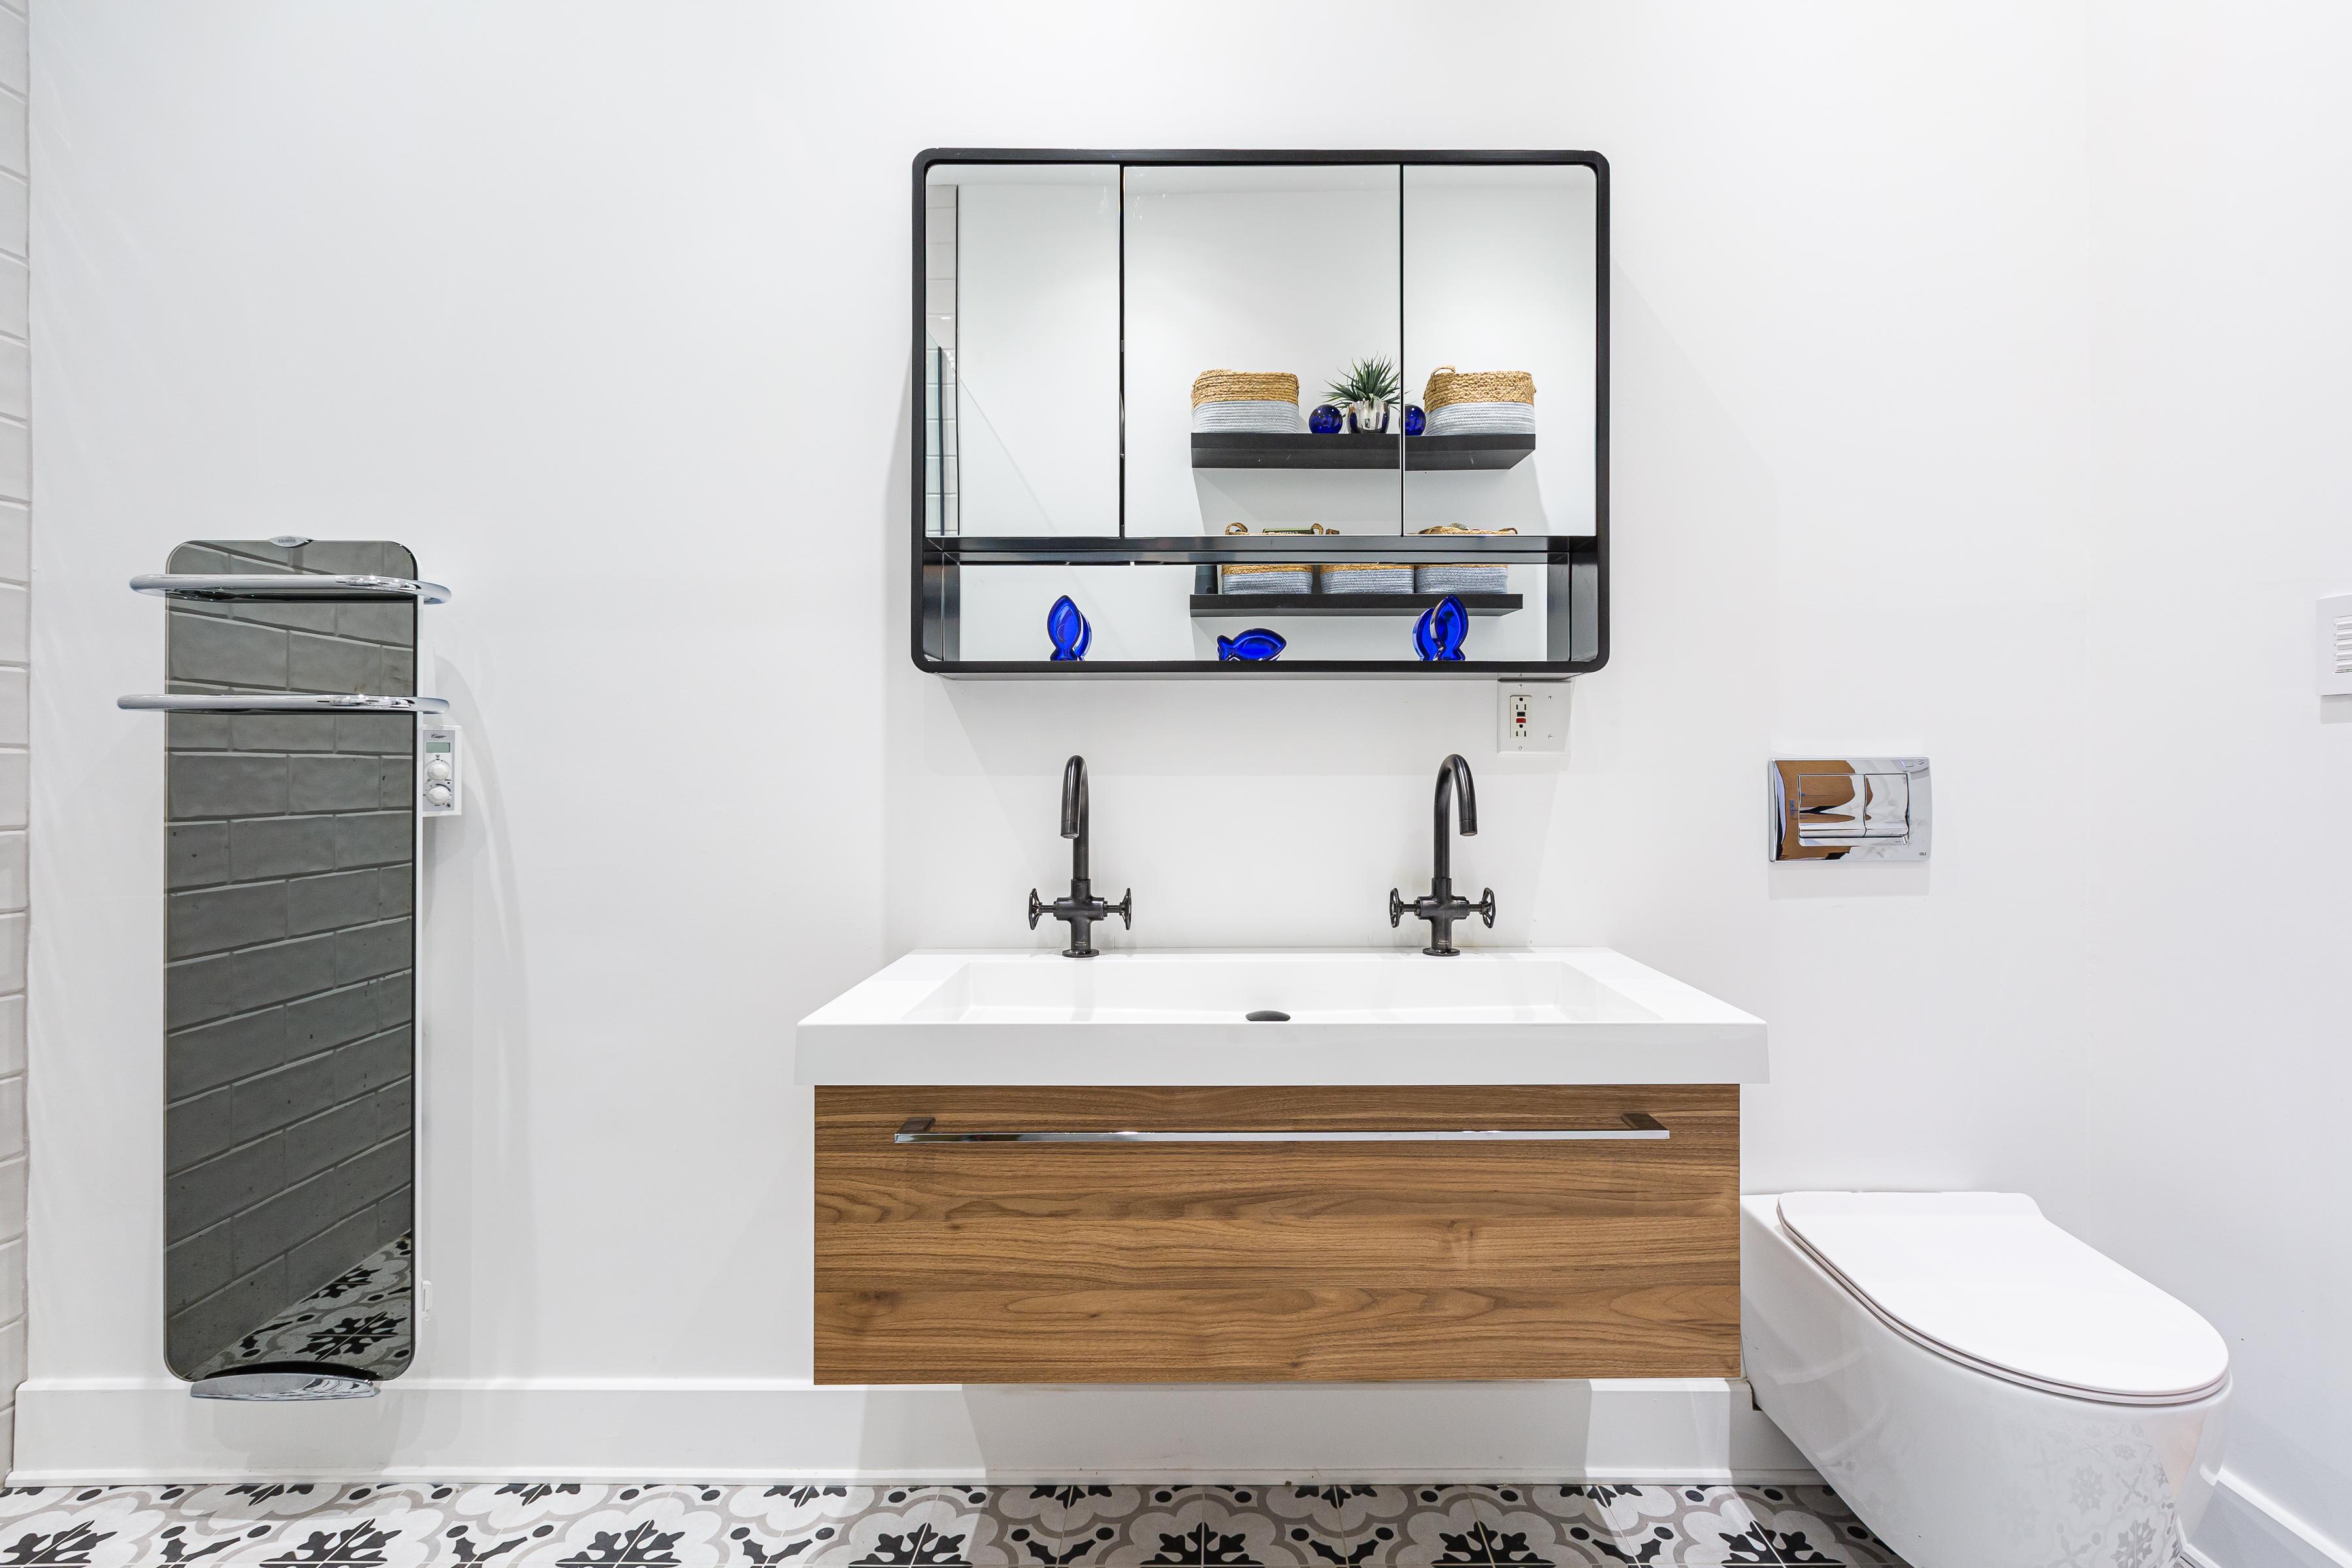 vanité de salle de bain suspendue avec robinets noirs et miroir